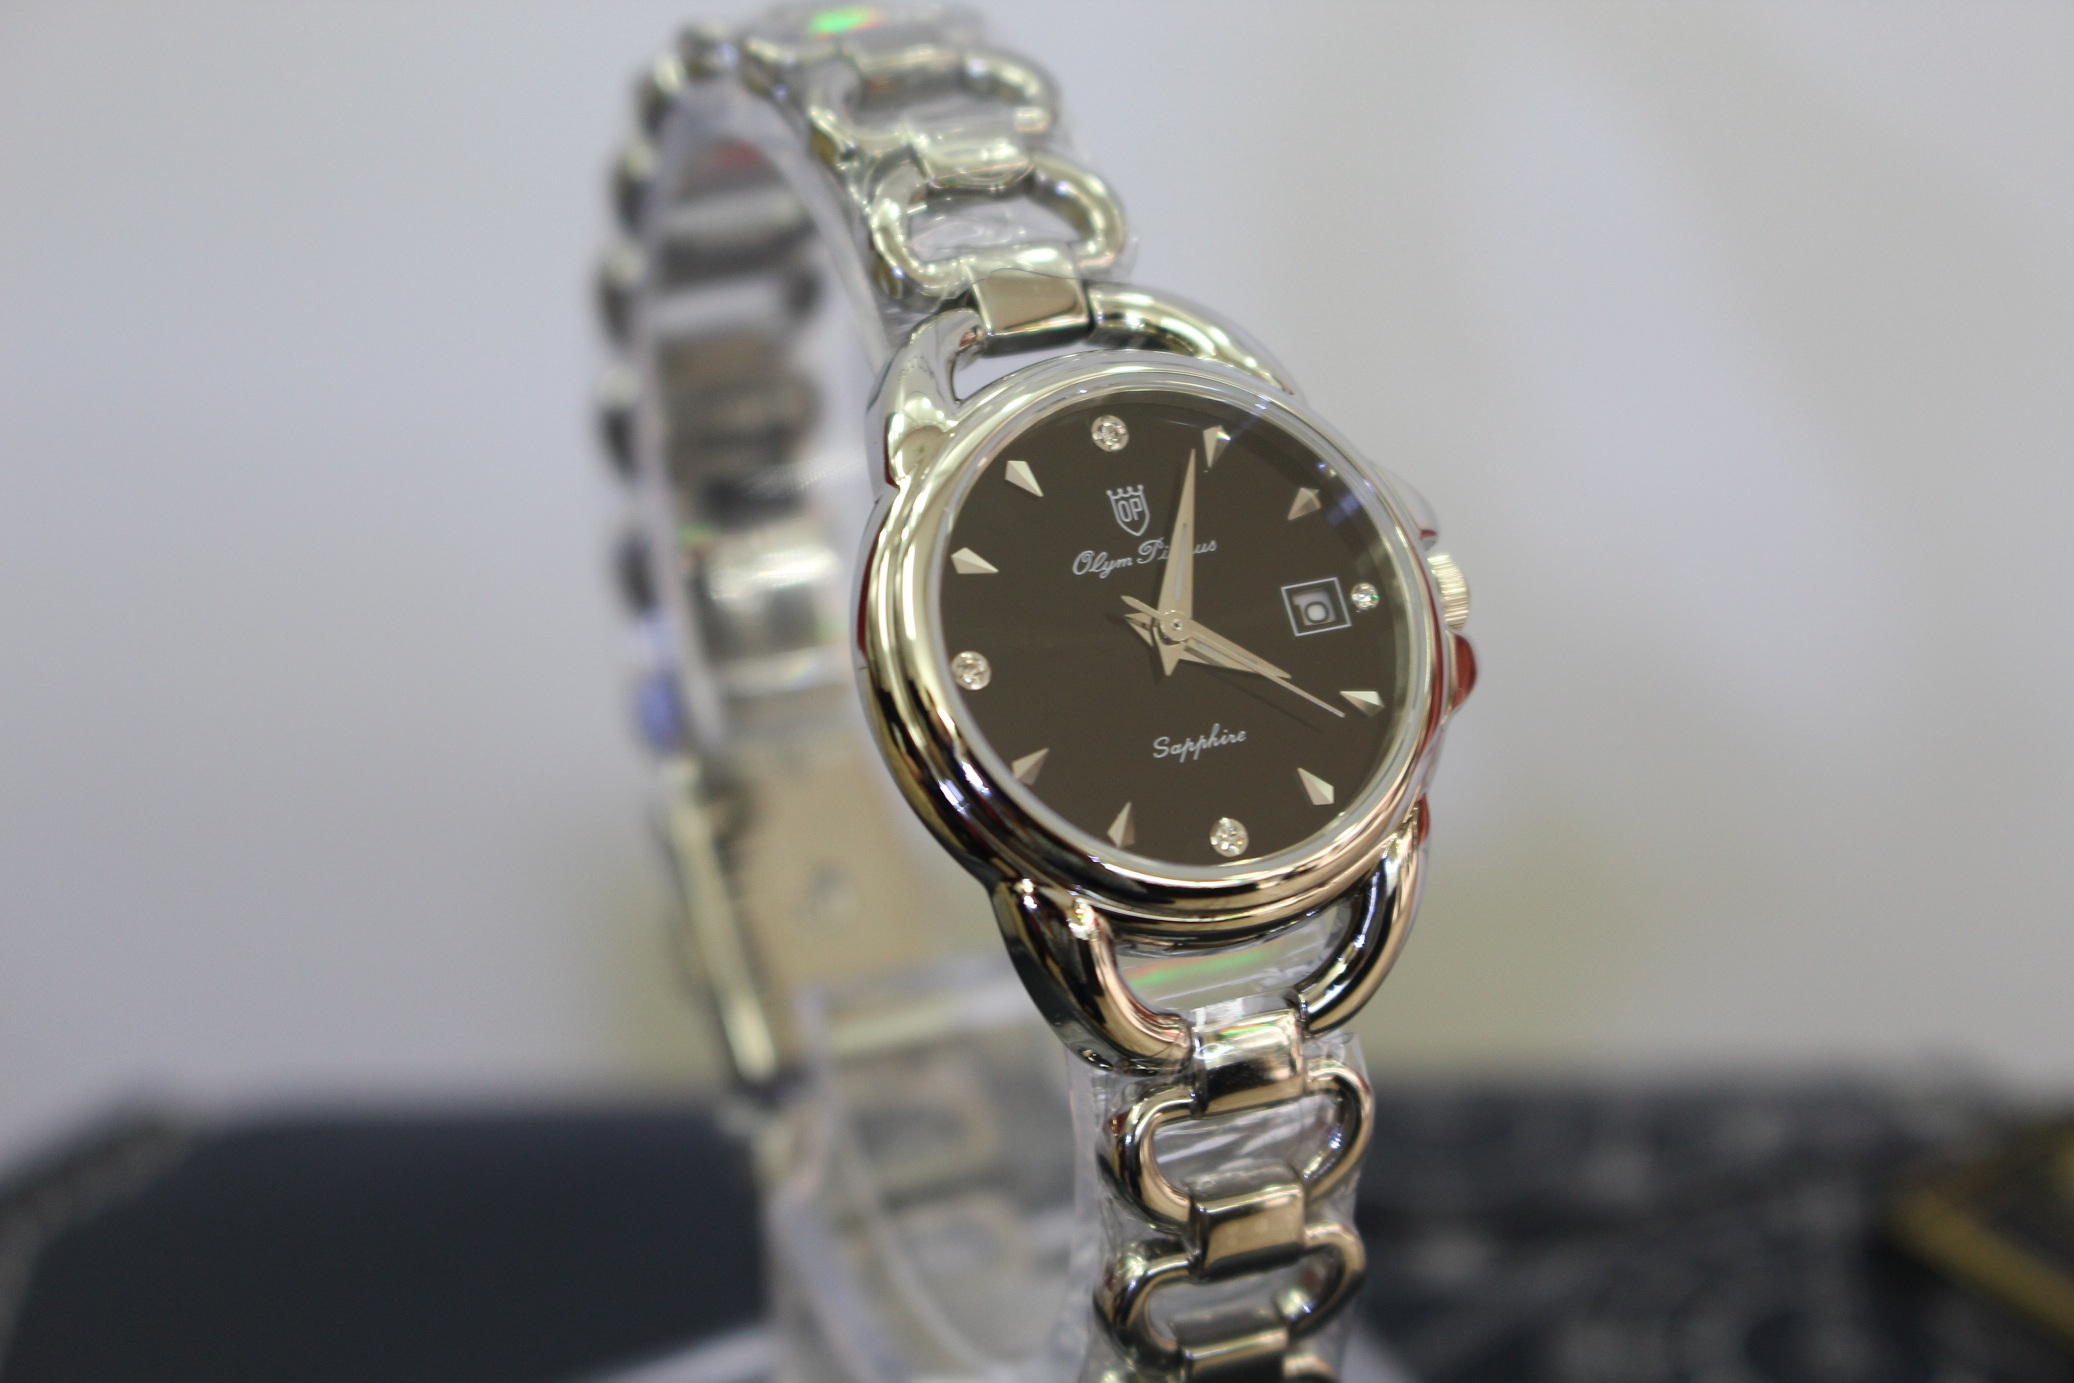 Vẻ đẹp tinh tế đến từng chi tiết của chiếc đồng hồ nữ Olym Pianus dưới 3 triệu OP2467LS